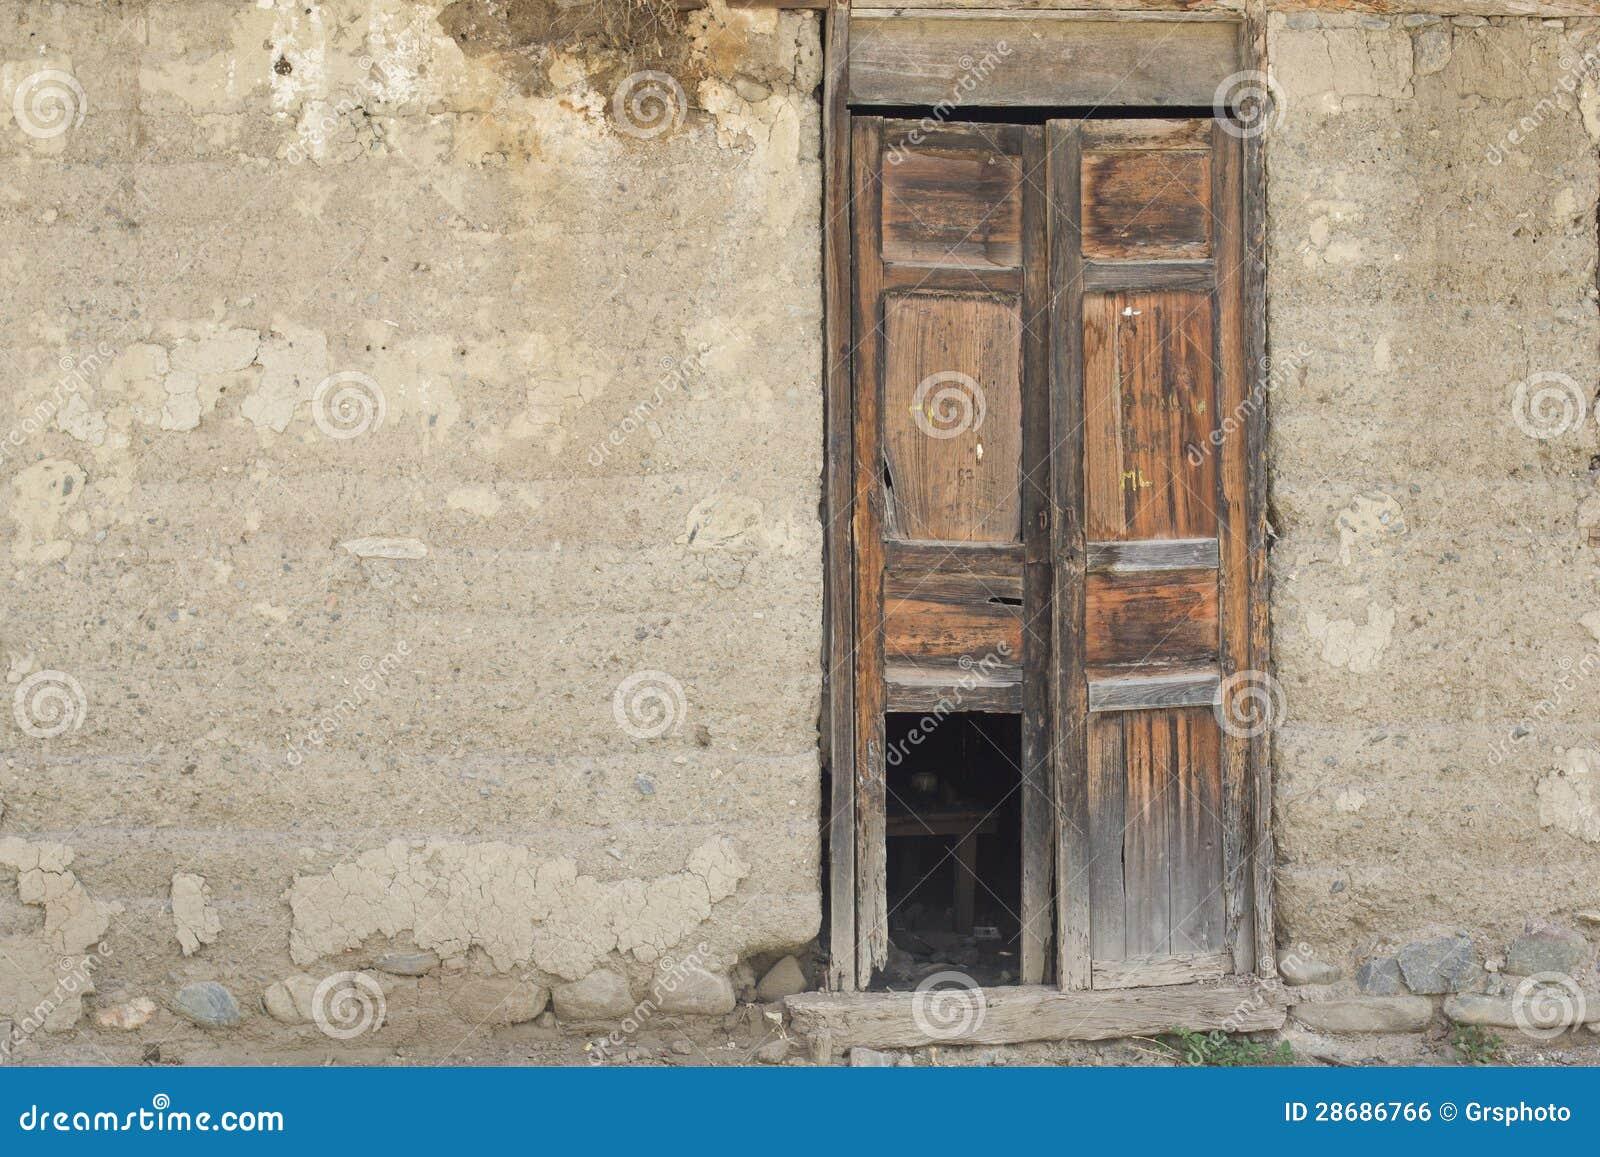 Puerta de madera vieja en pared vieja imagen de archivo for Puerta vieja madera